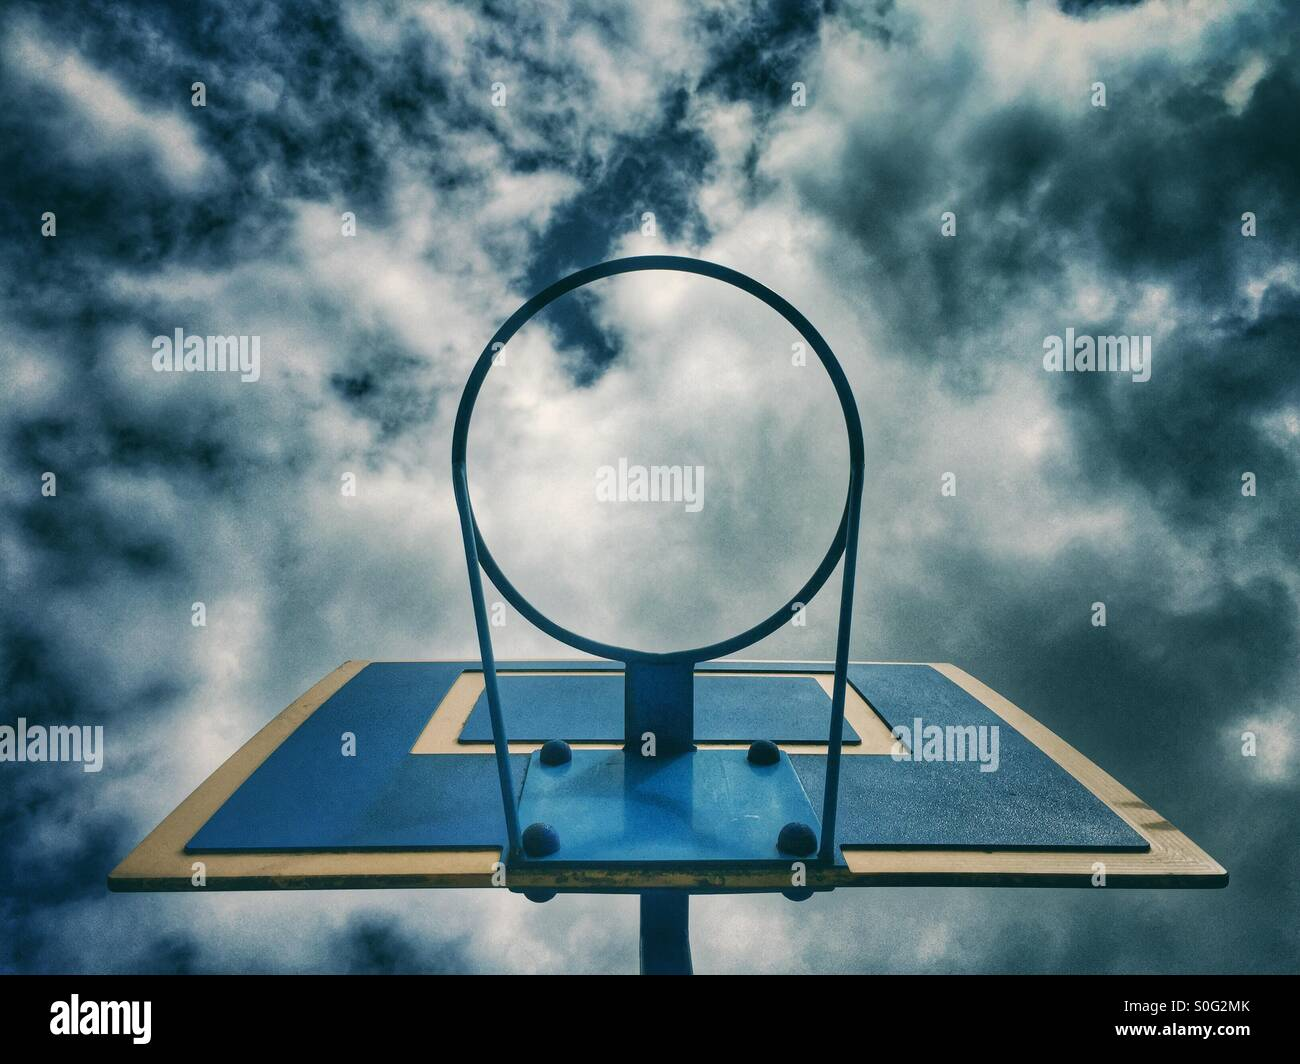 Aro de baloncesto Foto de stock